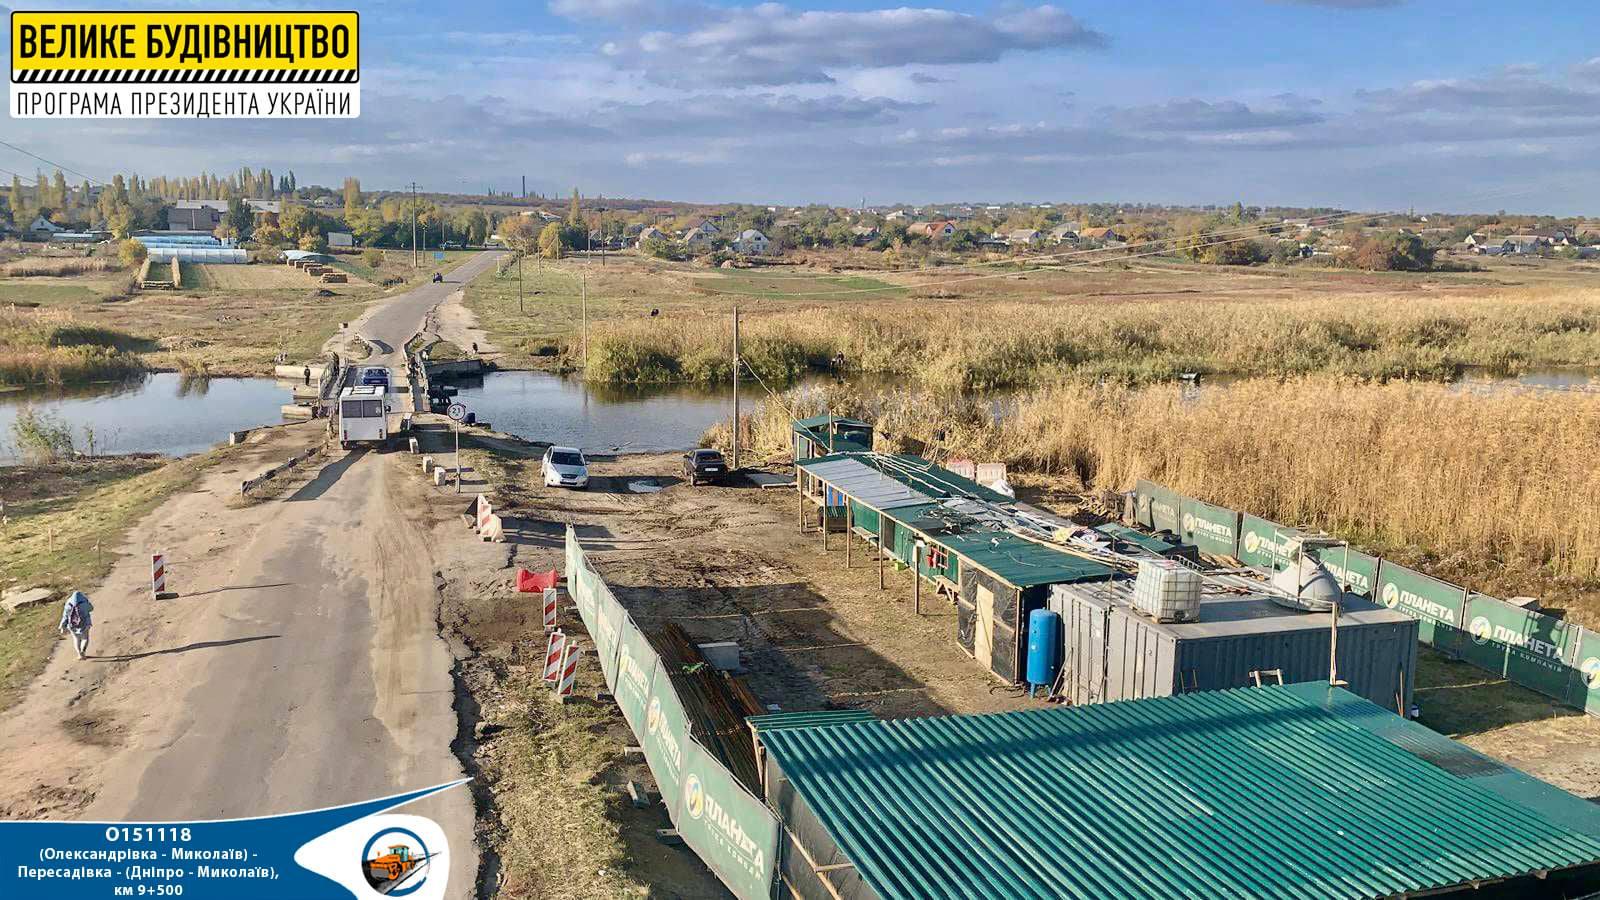 Многострадальный мост в Пересадовке: начаты подготовительные работы по строительству нового моста (ФОТО) 7